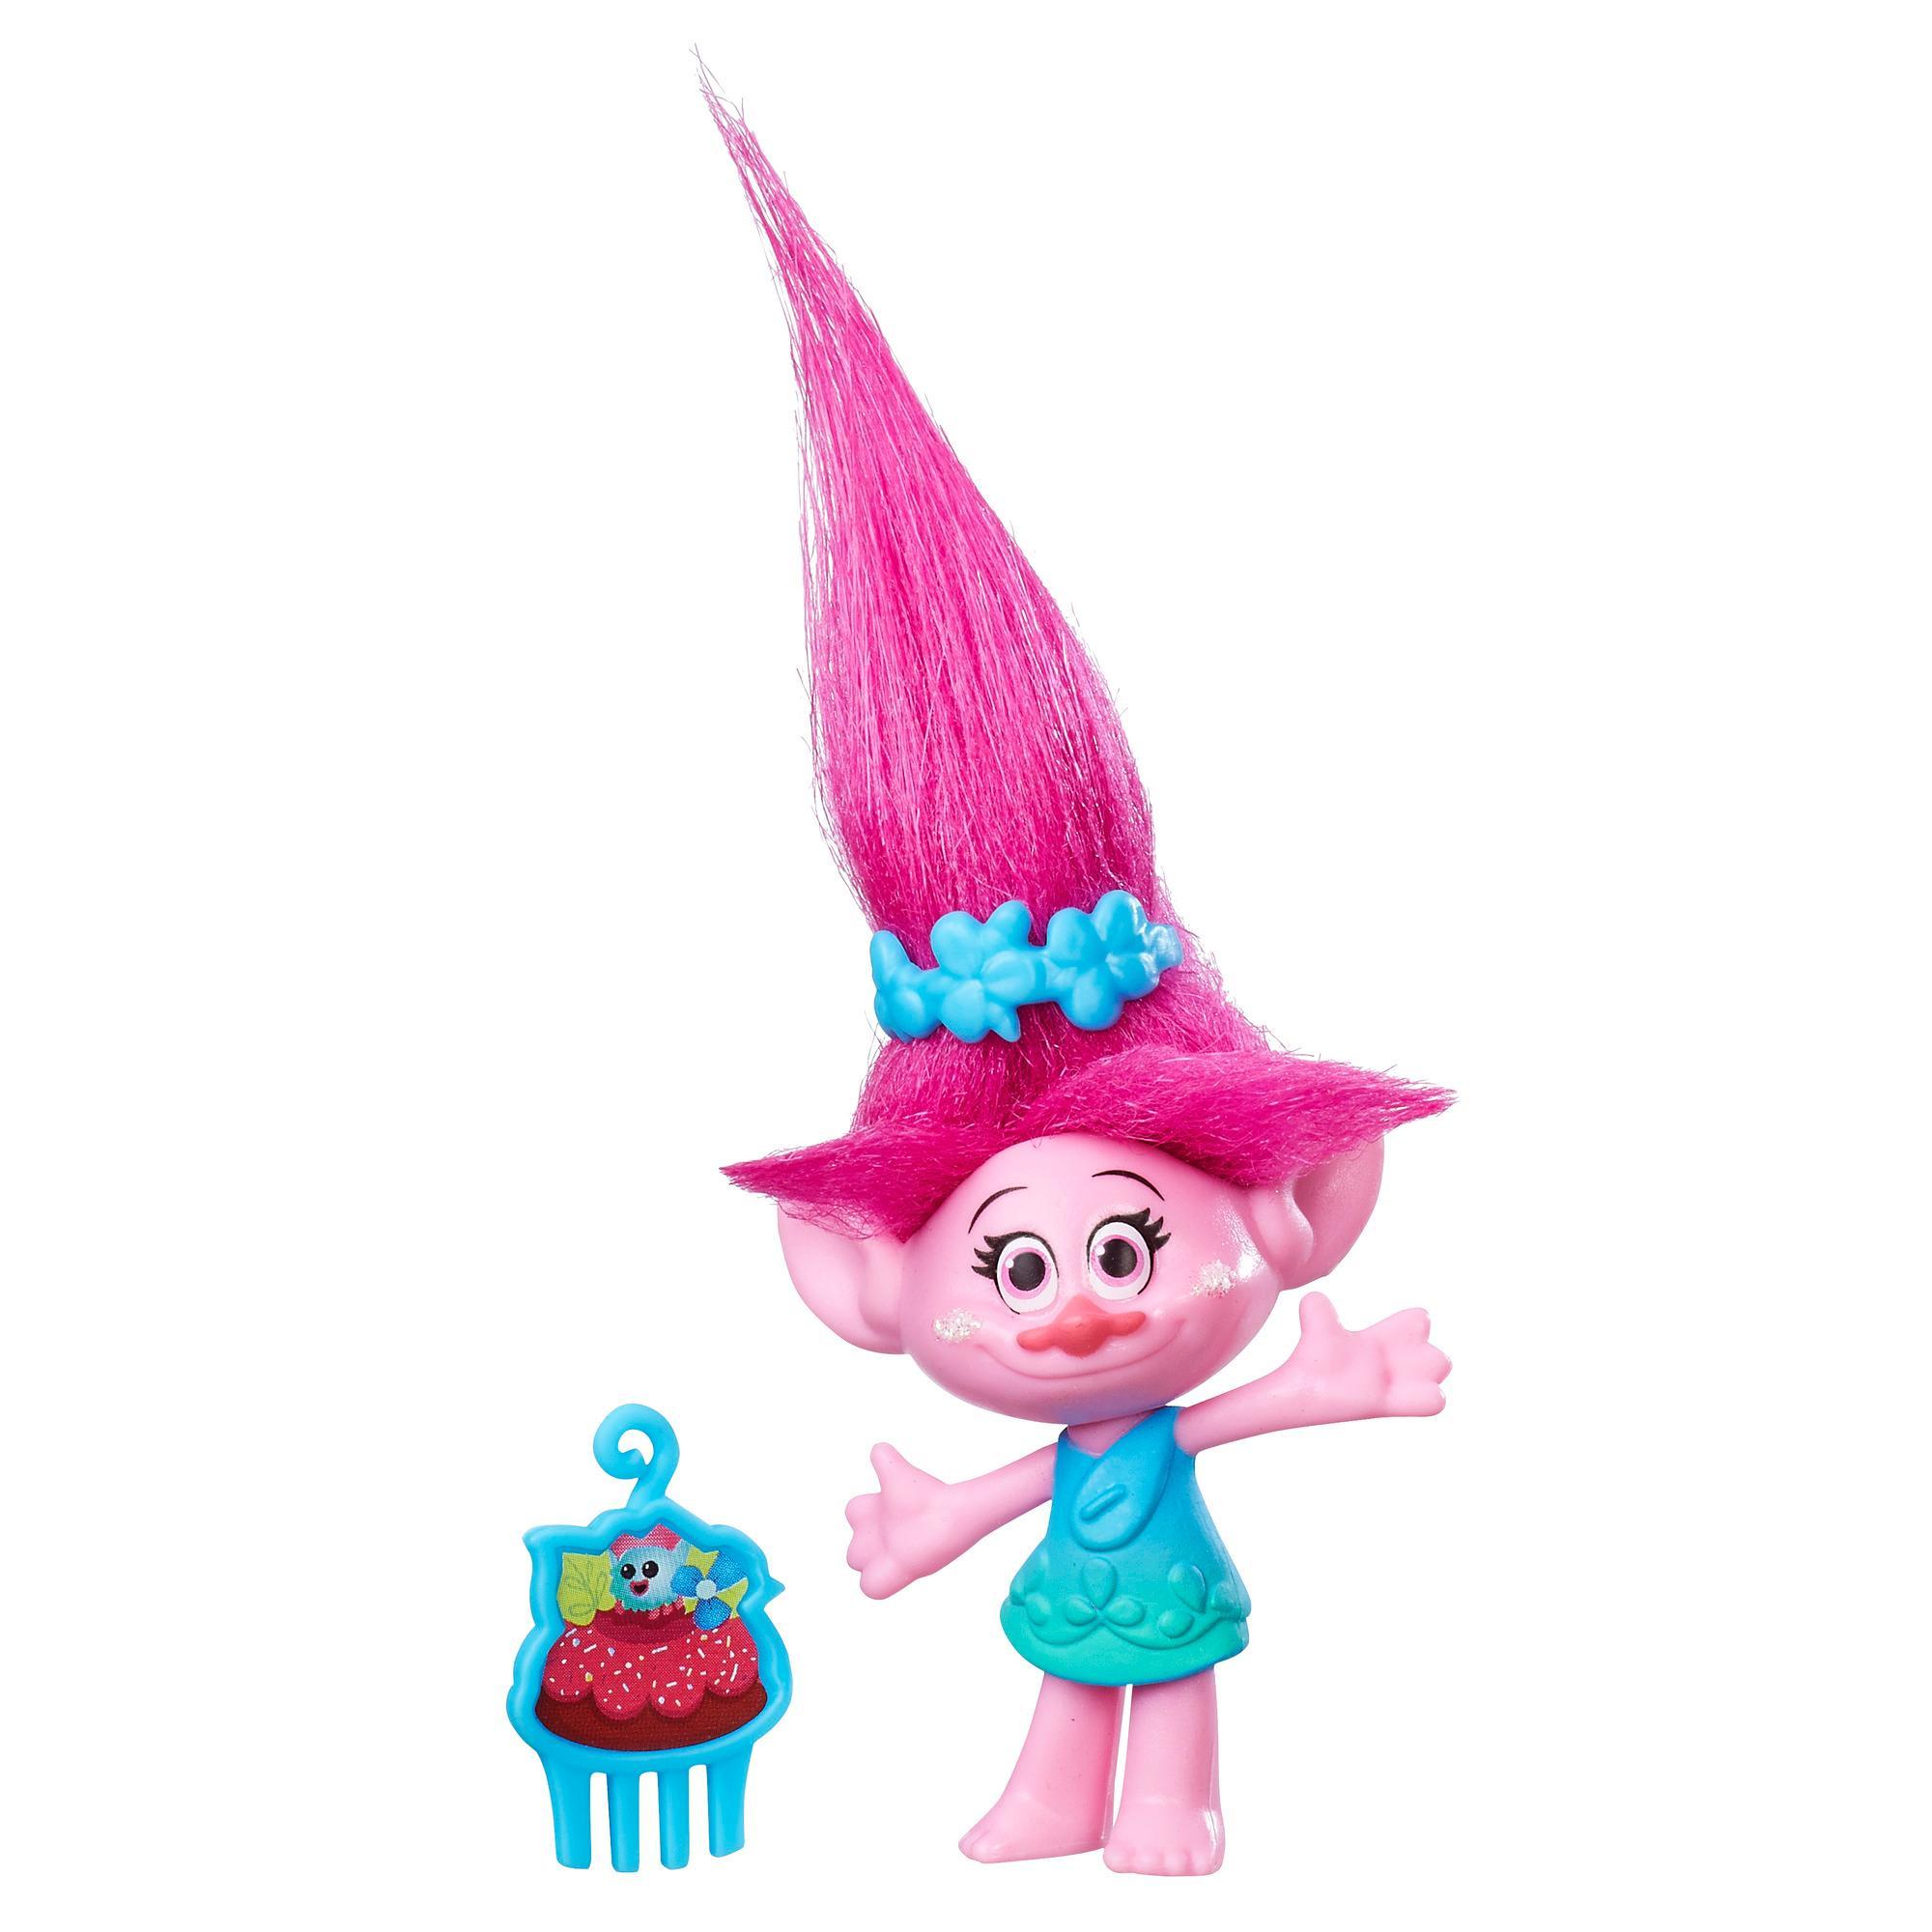 figurina trolls poppy, 10 cm